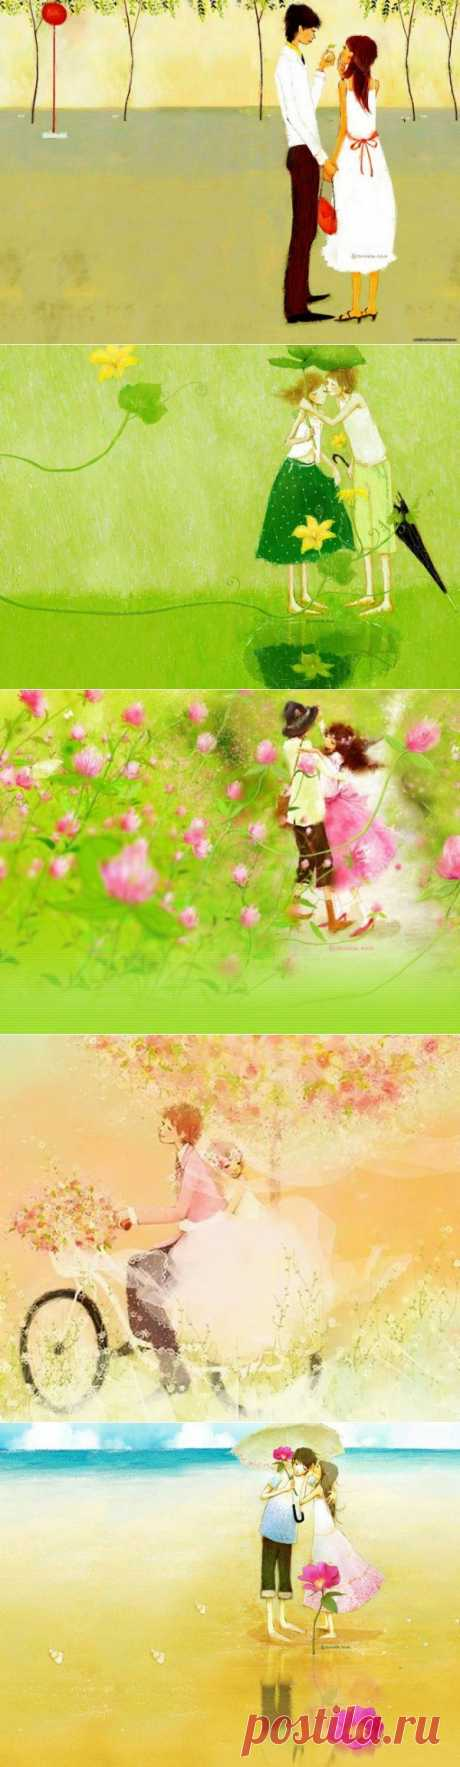 Soulpost.ru | Счастливый мир наполненный любовью (26 картин)